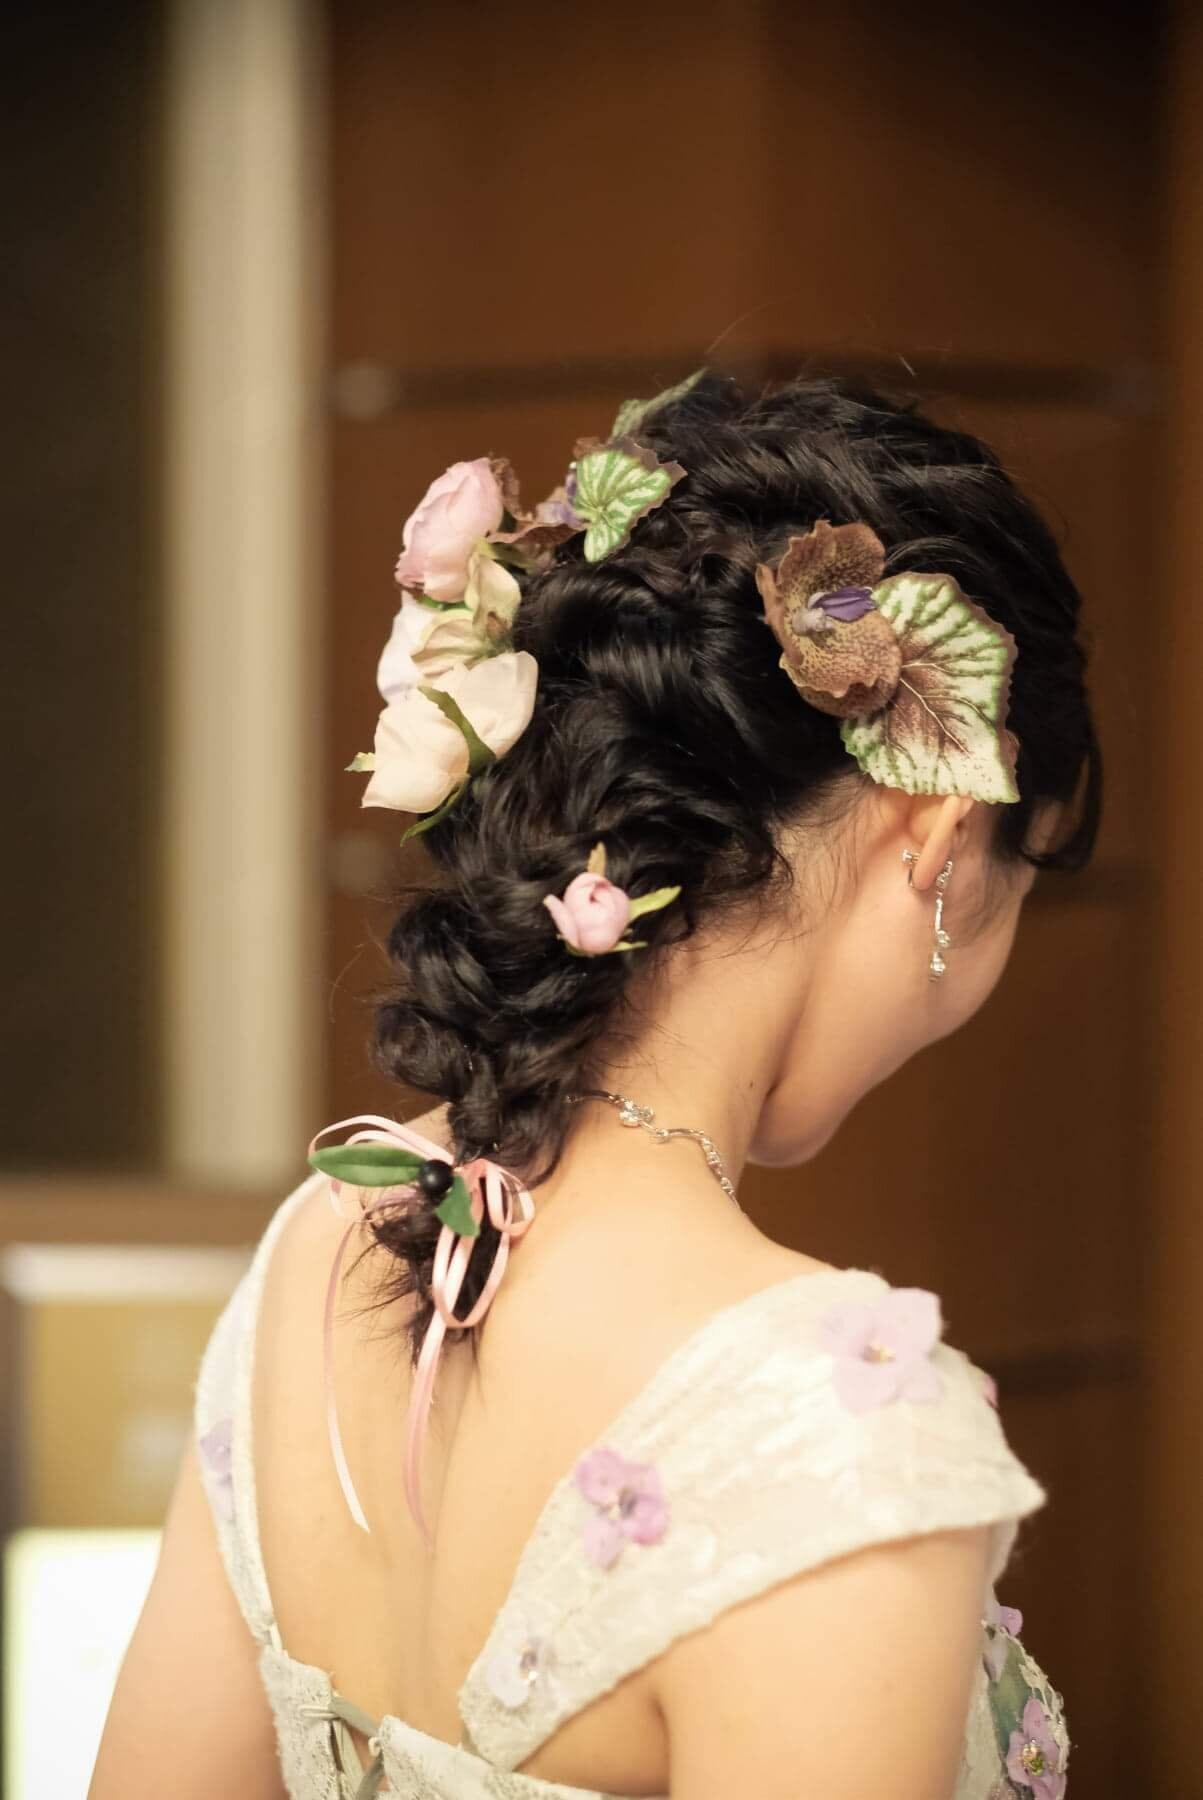 ブライダル整体「結婚式や記念撮影、産後のスタイル回復に向けたきれいな姿勢を目指す」整体施術[現地払い]のイメージその1